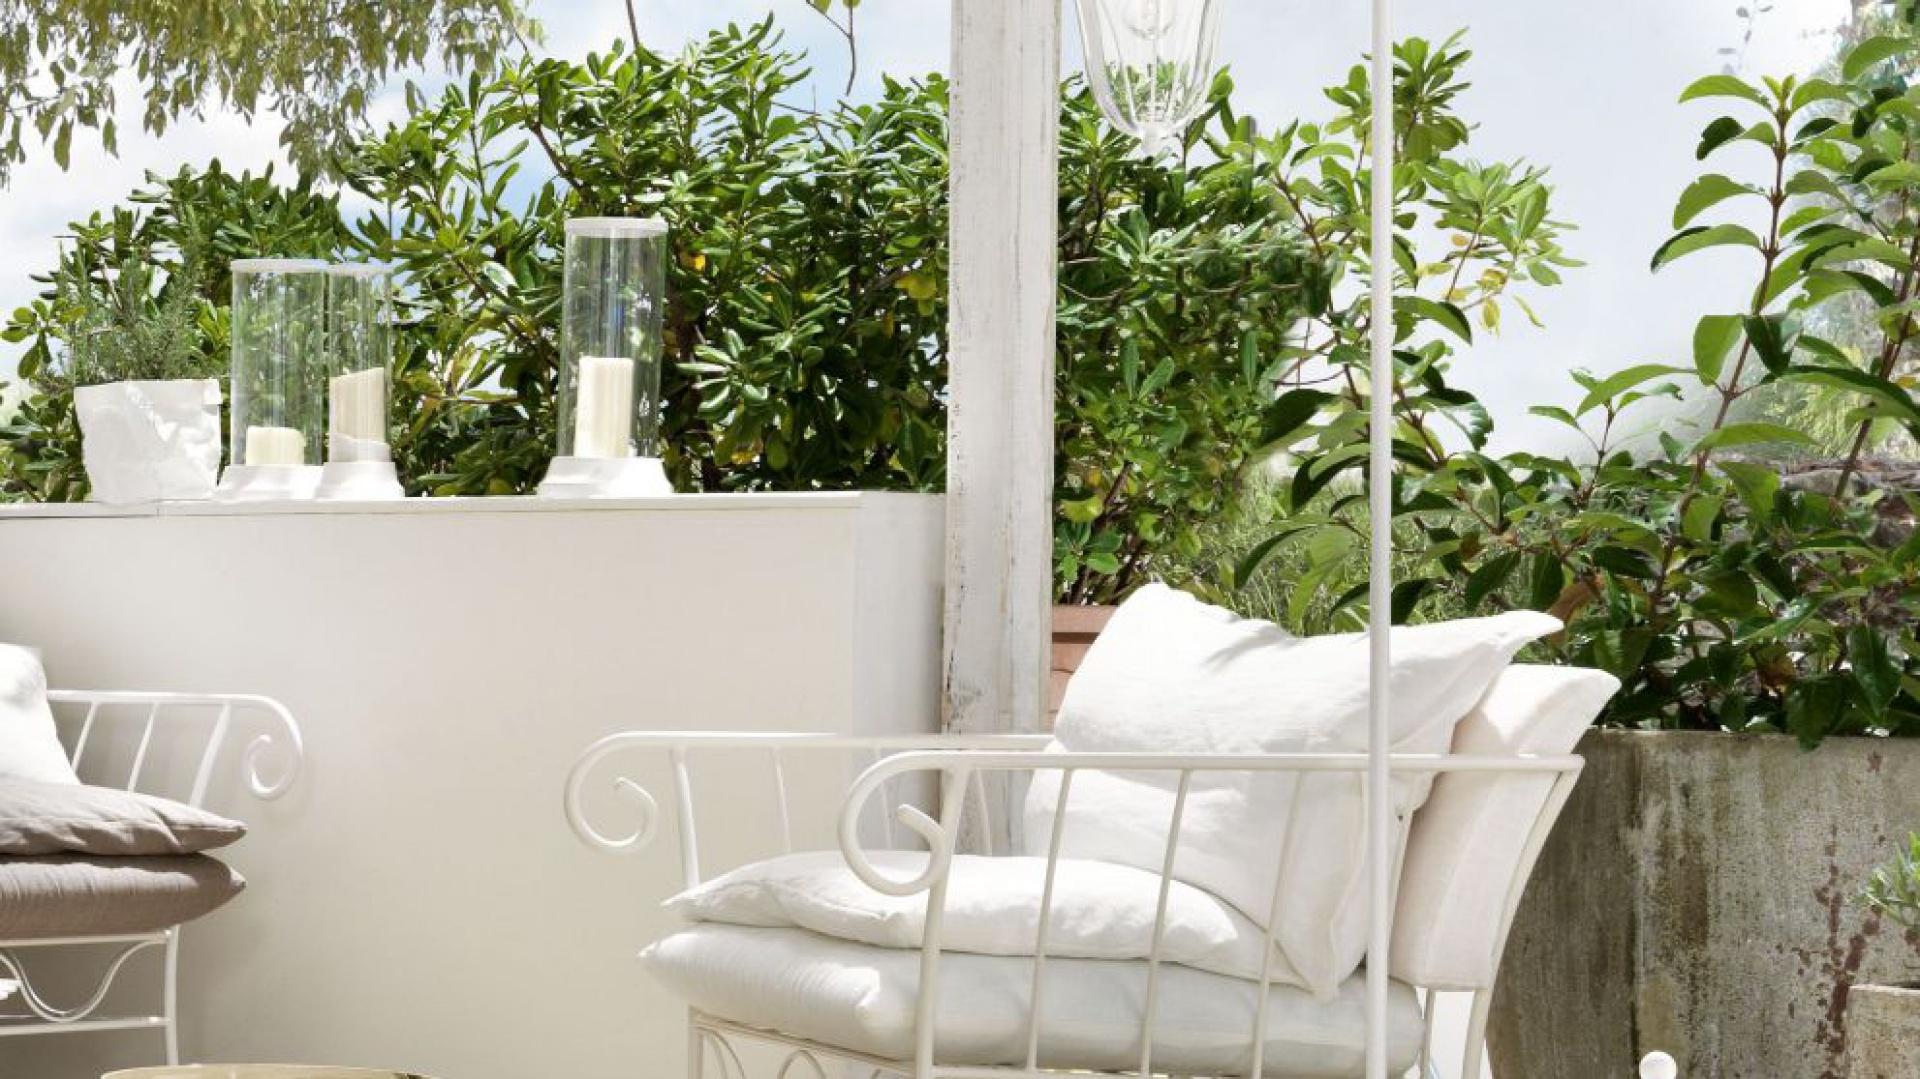 Gięte, metalowe podstawy mebli w połączeniu z puchatymi poduchami w odcieniach bieli i lnu zapraszają do wiosennego wypoczynku na łonie natury. Kolekcja: Bahamas. Fot. Cantori